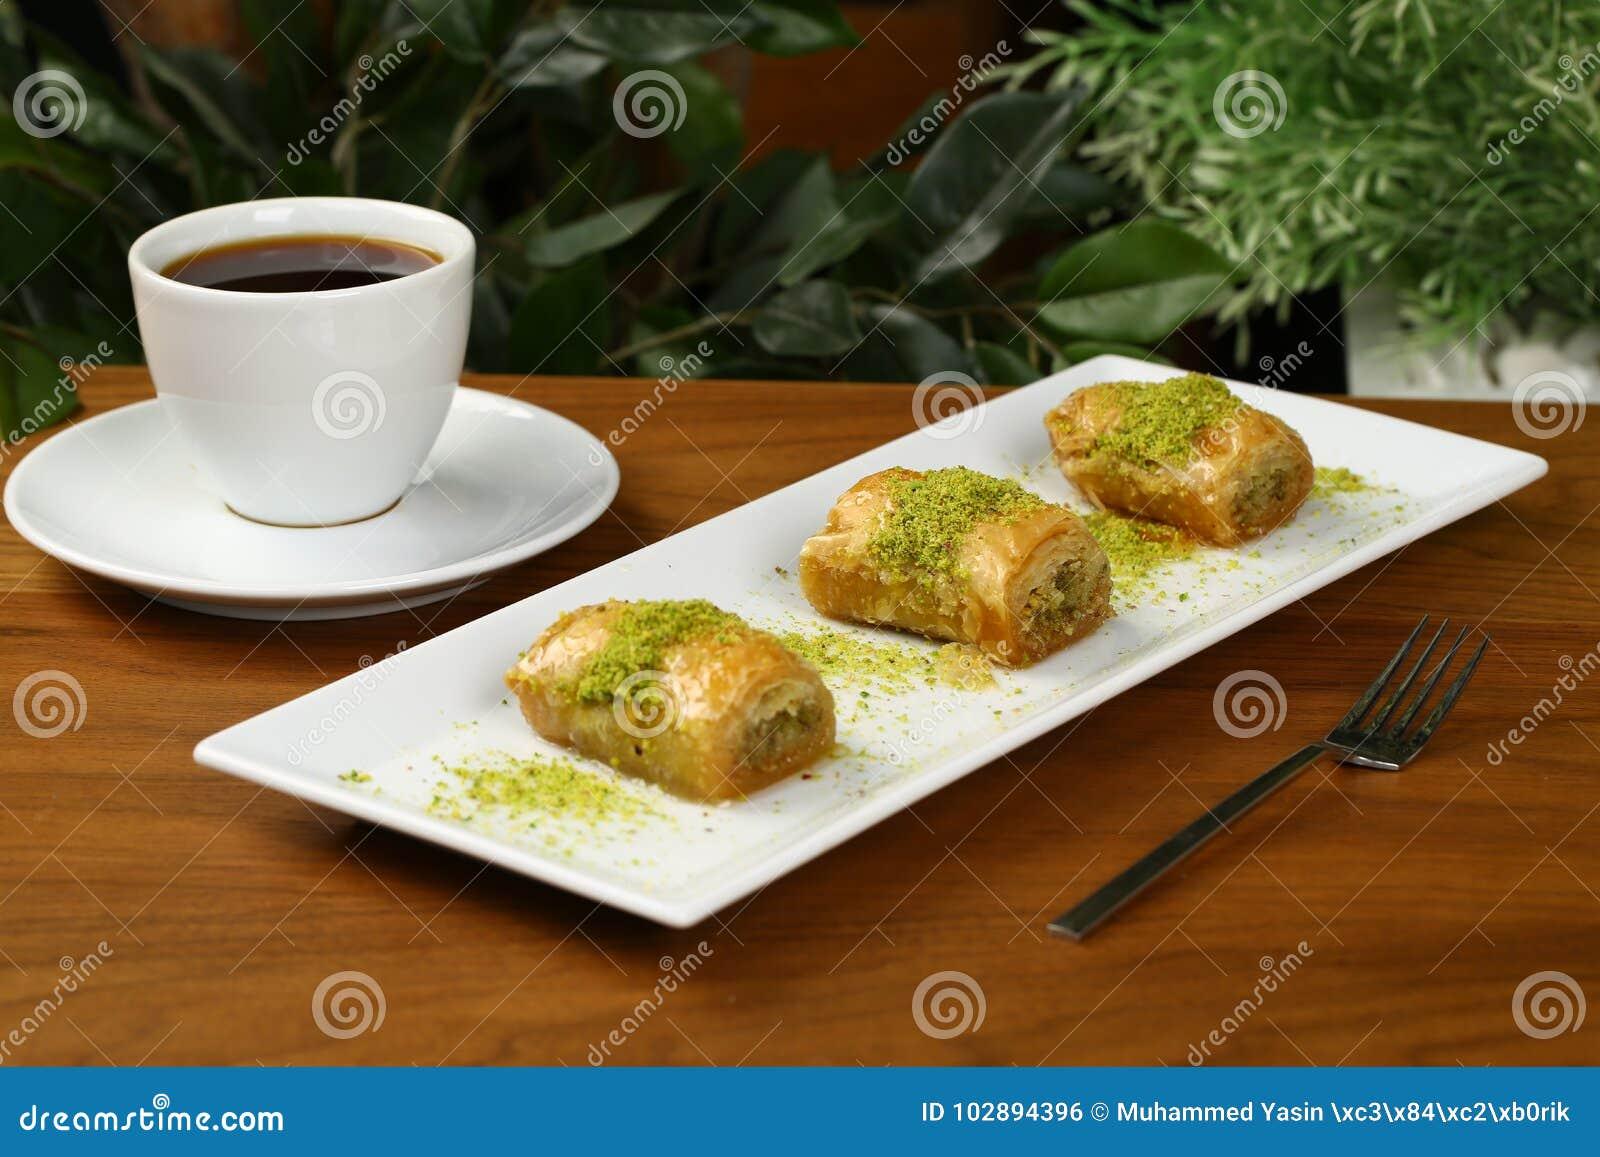 Бахлава и кофе